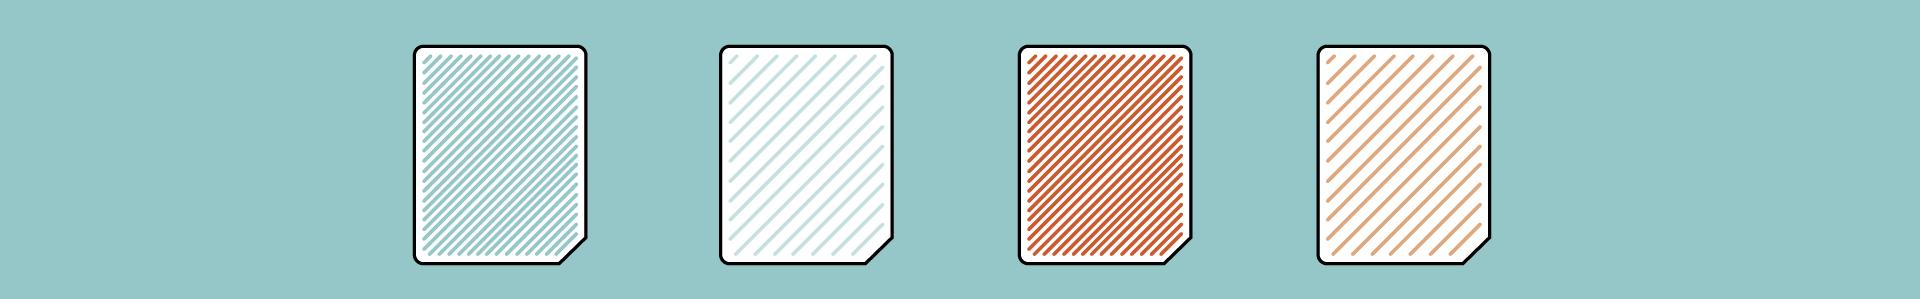 Papiere - besondere Haptik für hochwertige Druck-Erzeugnisse